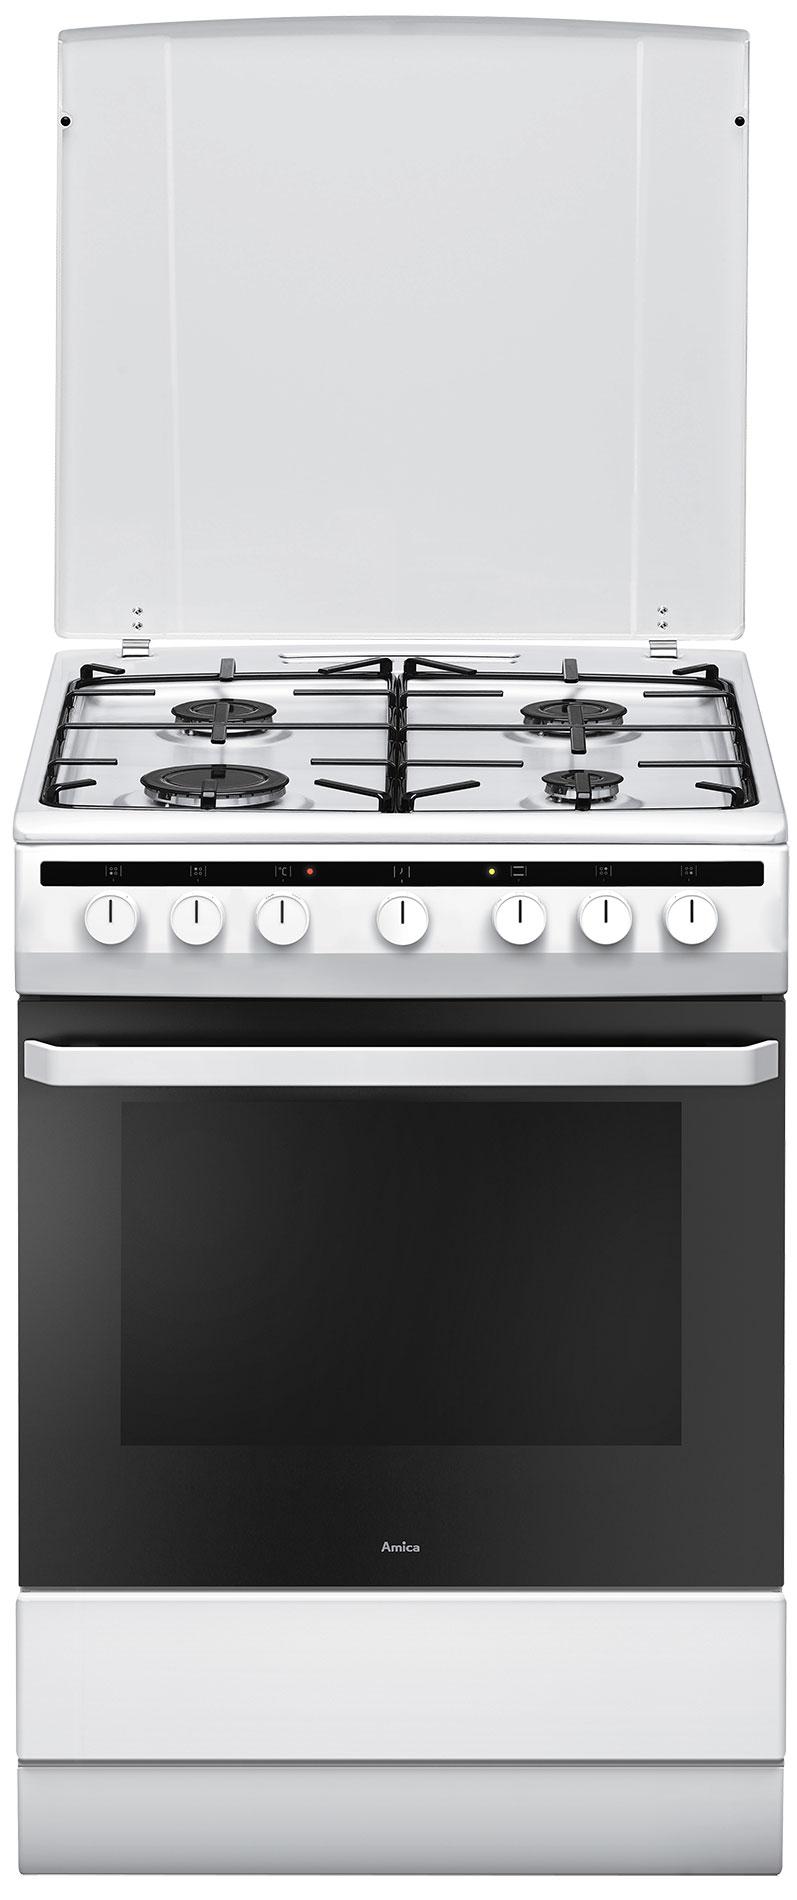 Kuchnia wolnostojąca gazowo elektryczna 618GES2 33HZpMs(W)  Amica -> Kuchnie Elektryczne Indukcyjne Wolnostojące